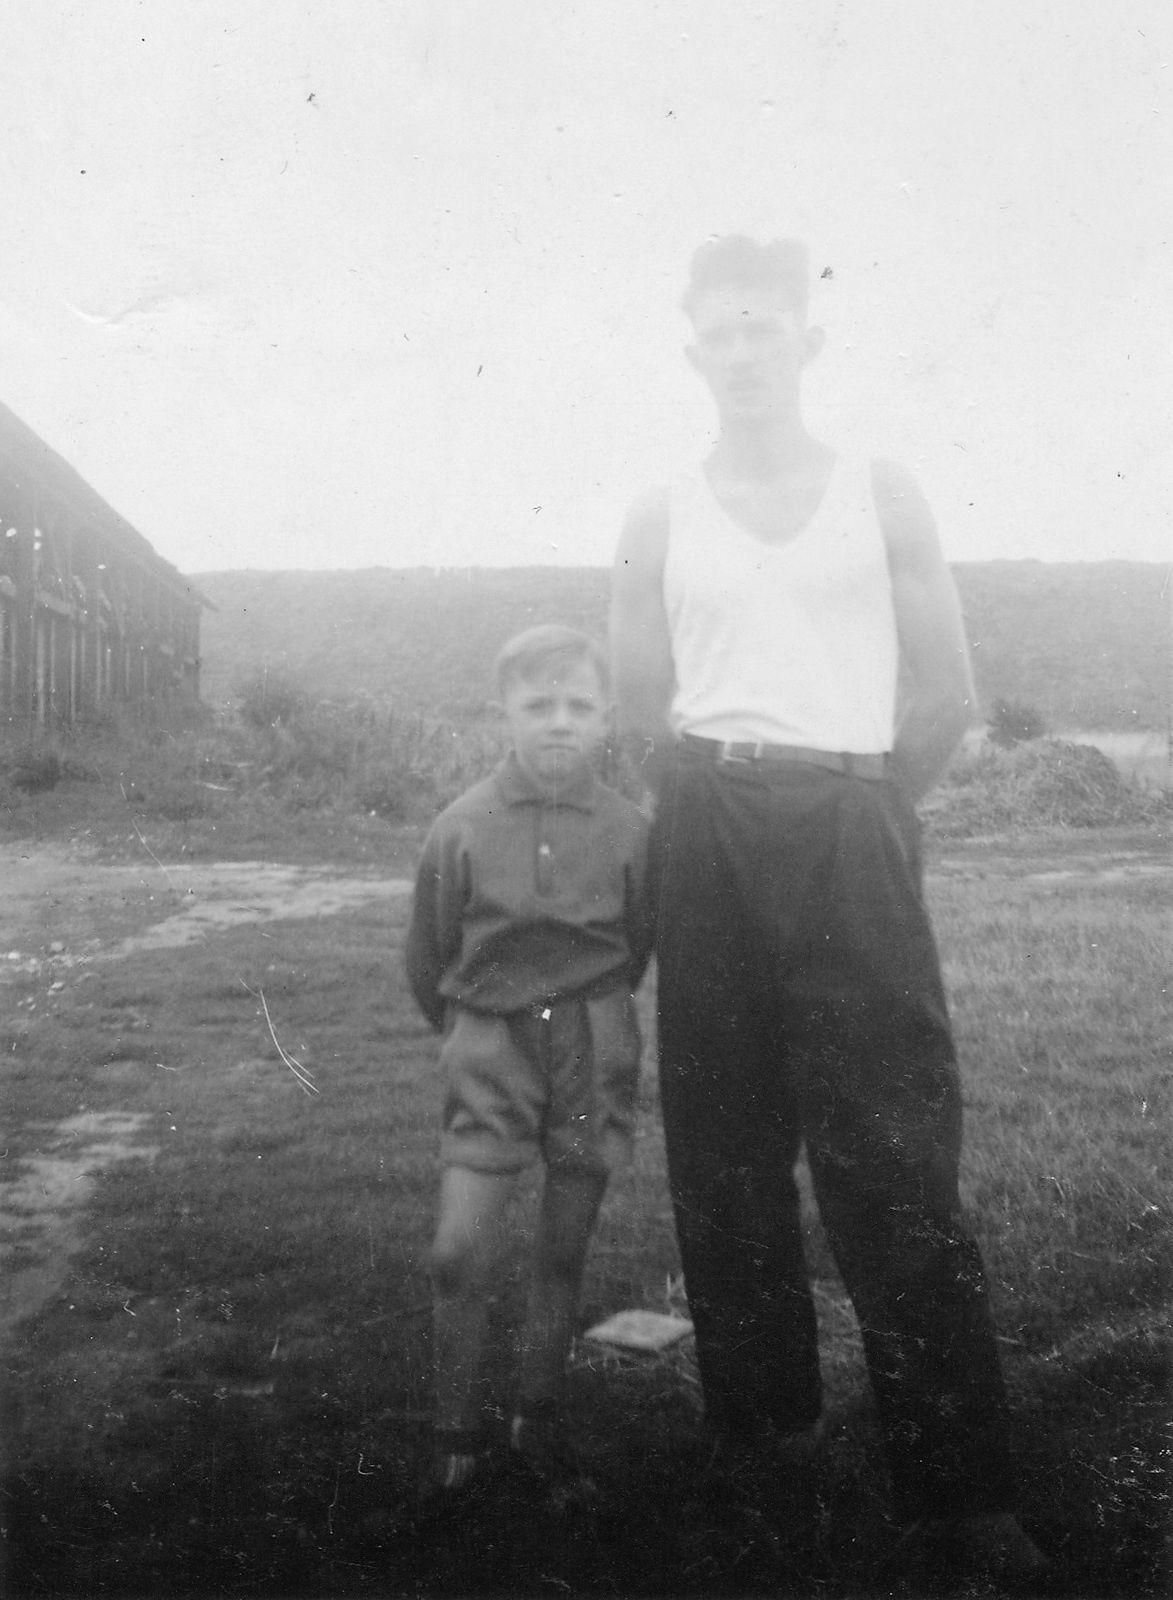 La briqueterie de la verrerie d'en haut , et le bassin rond (furtivement) fin des années 50.